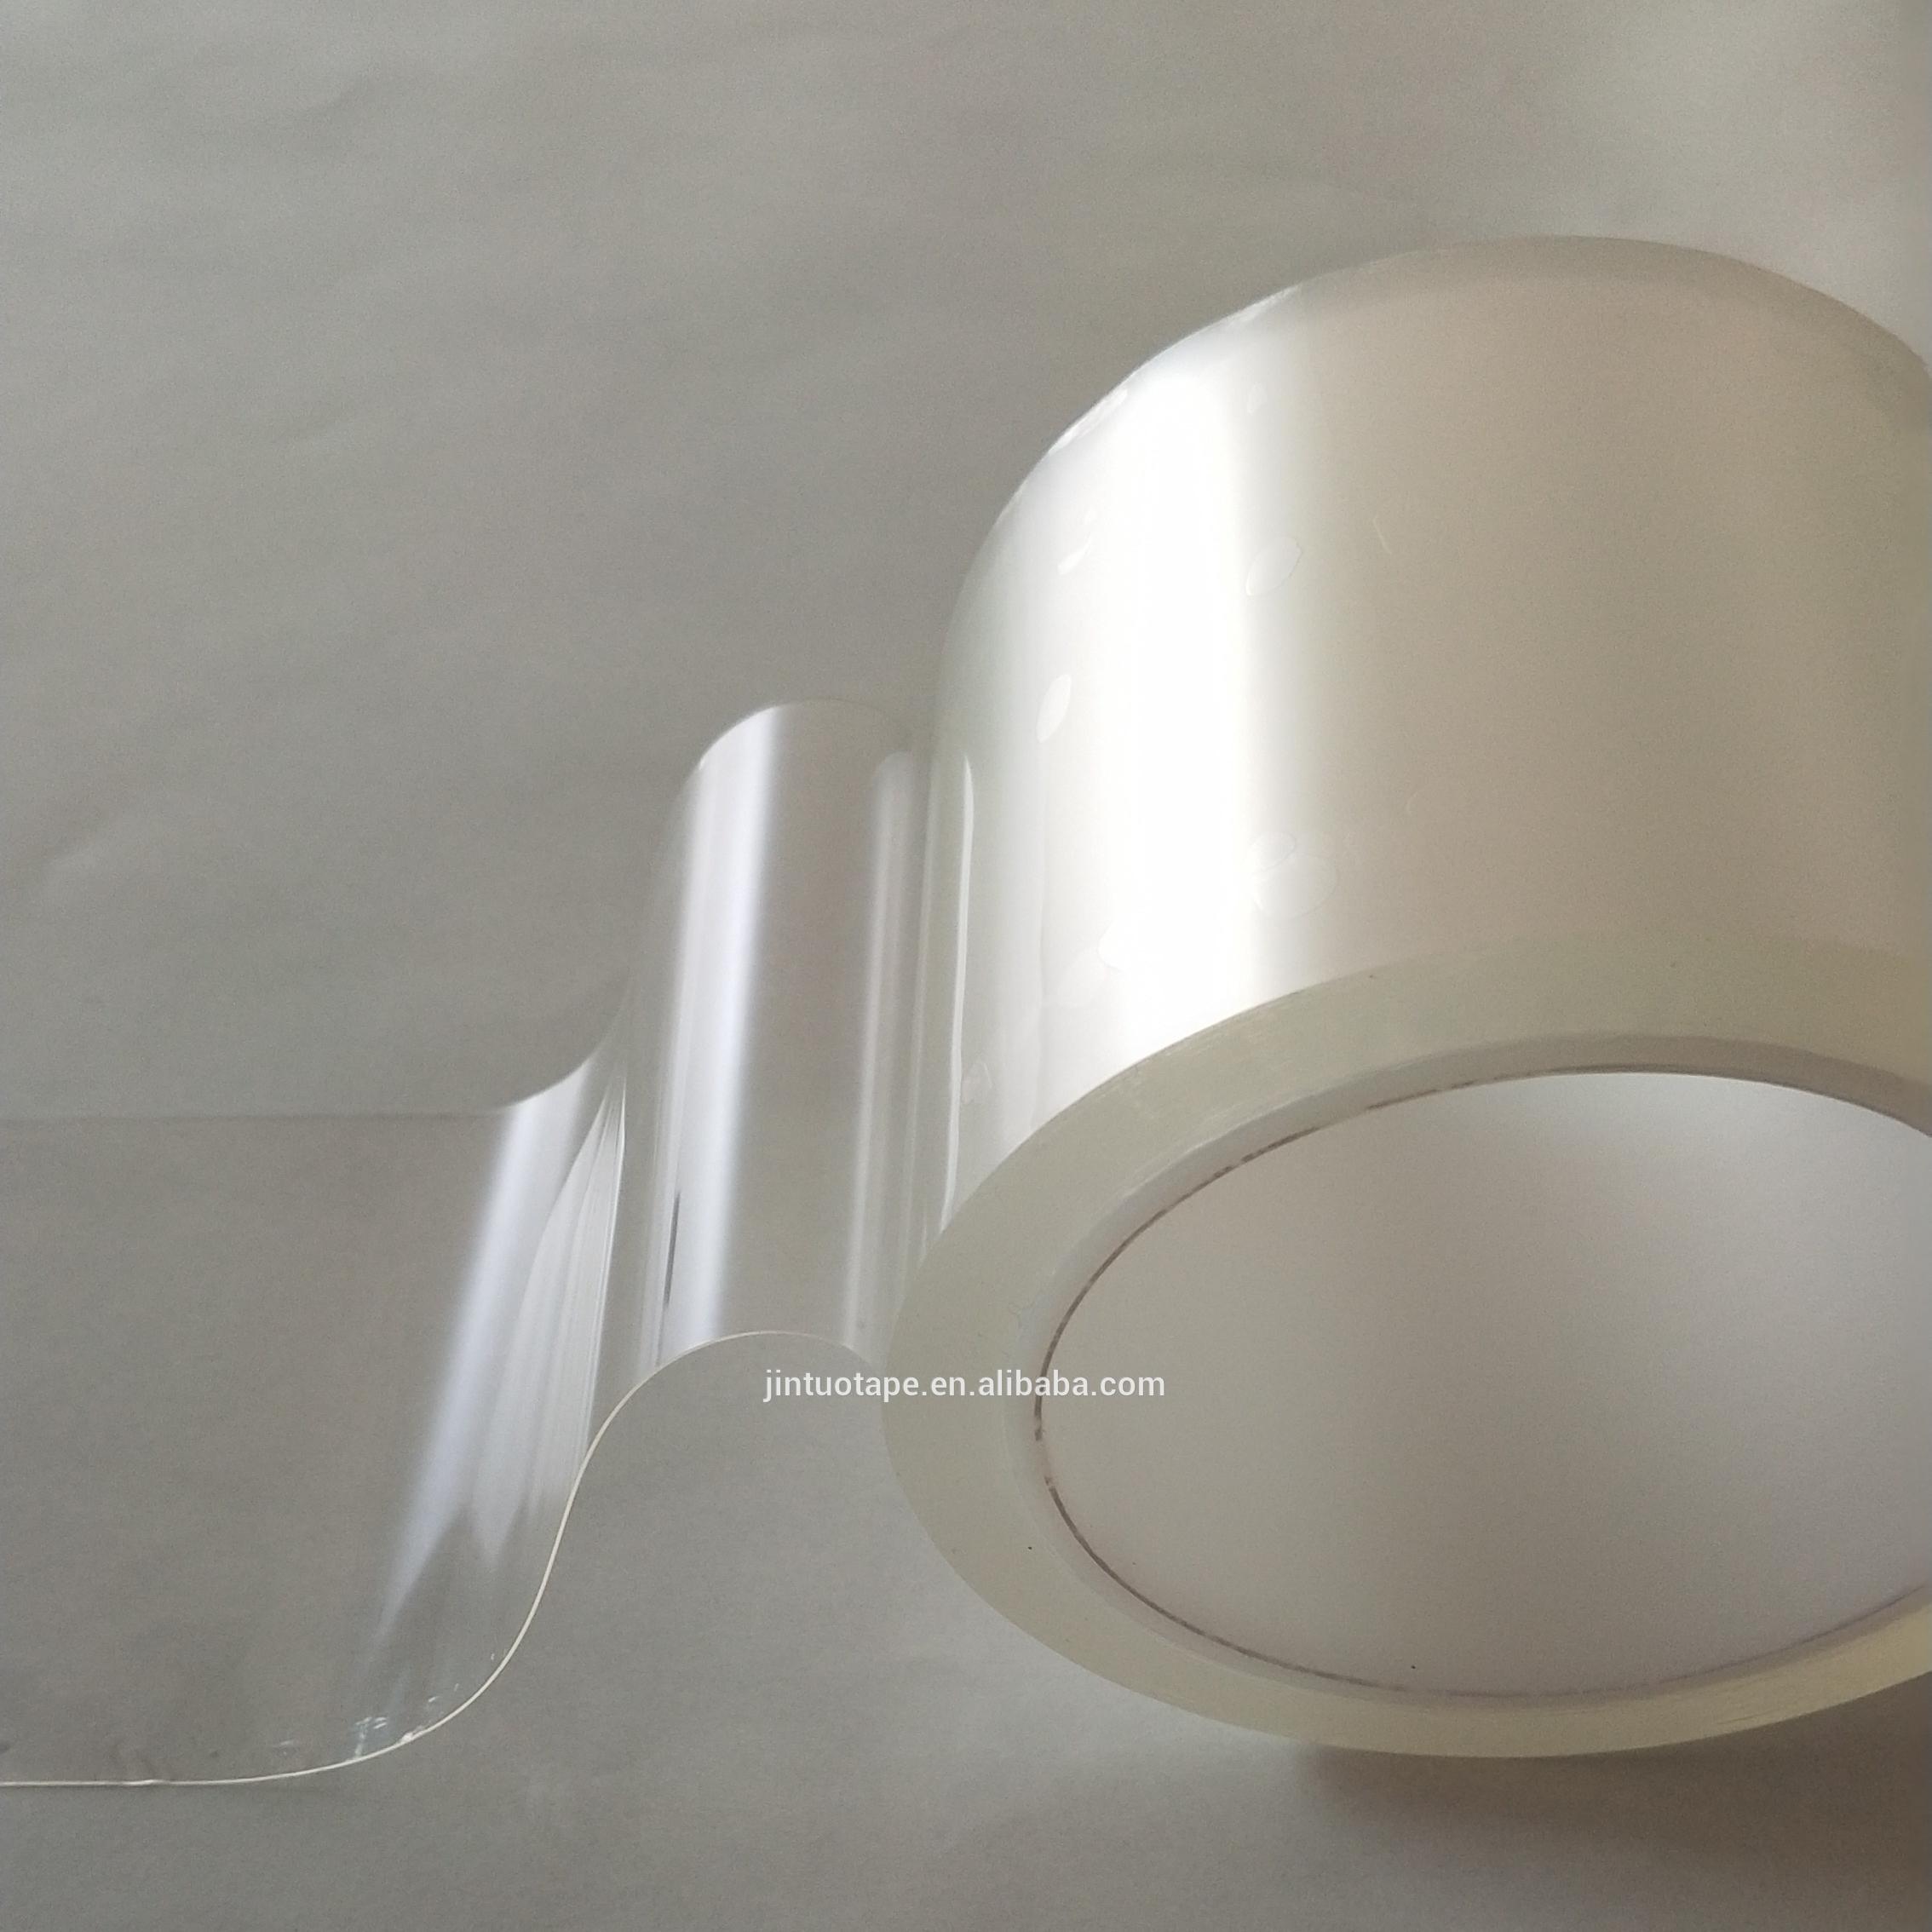 Single Sided Waterproof Traceless Kitchen Sinks Sealing Tape